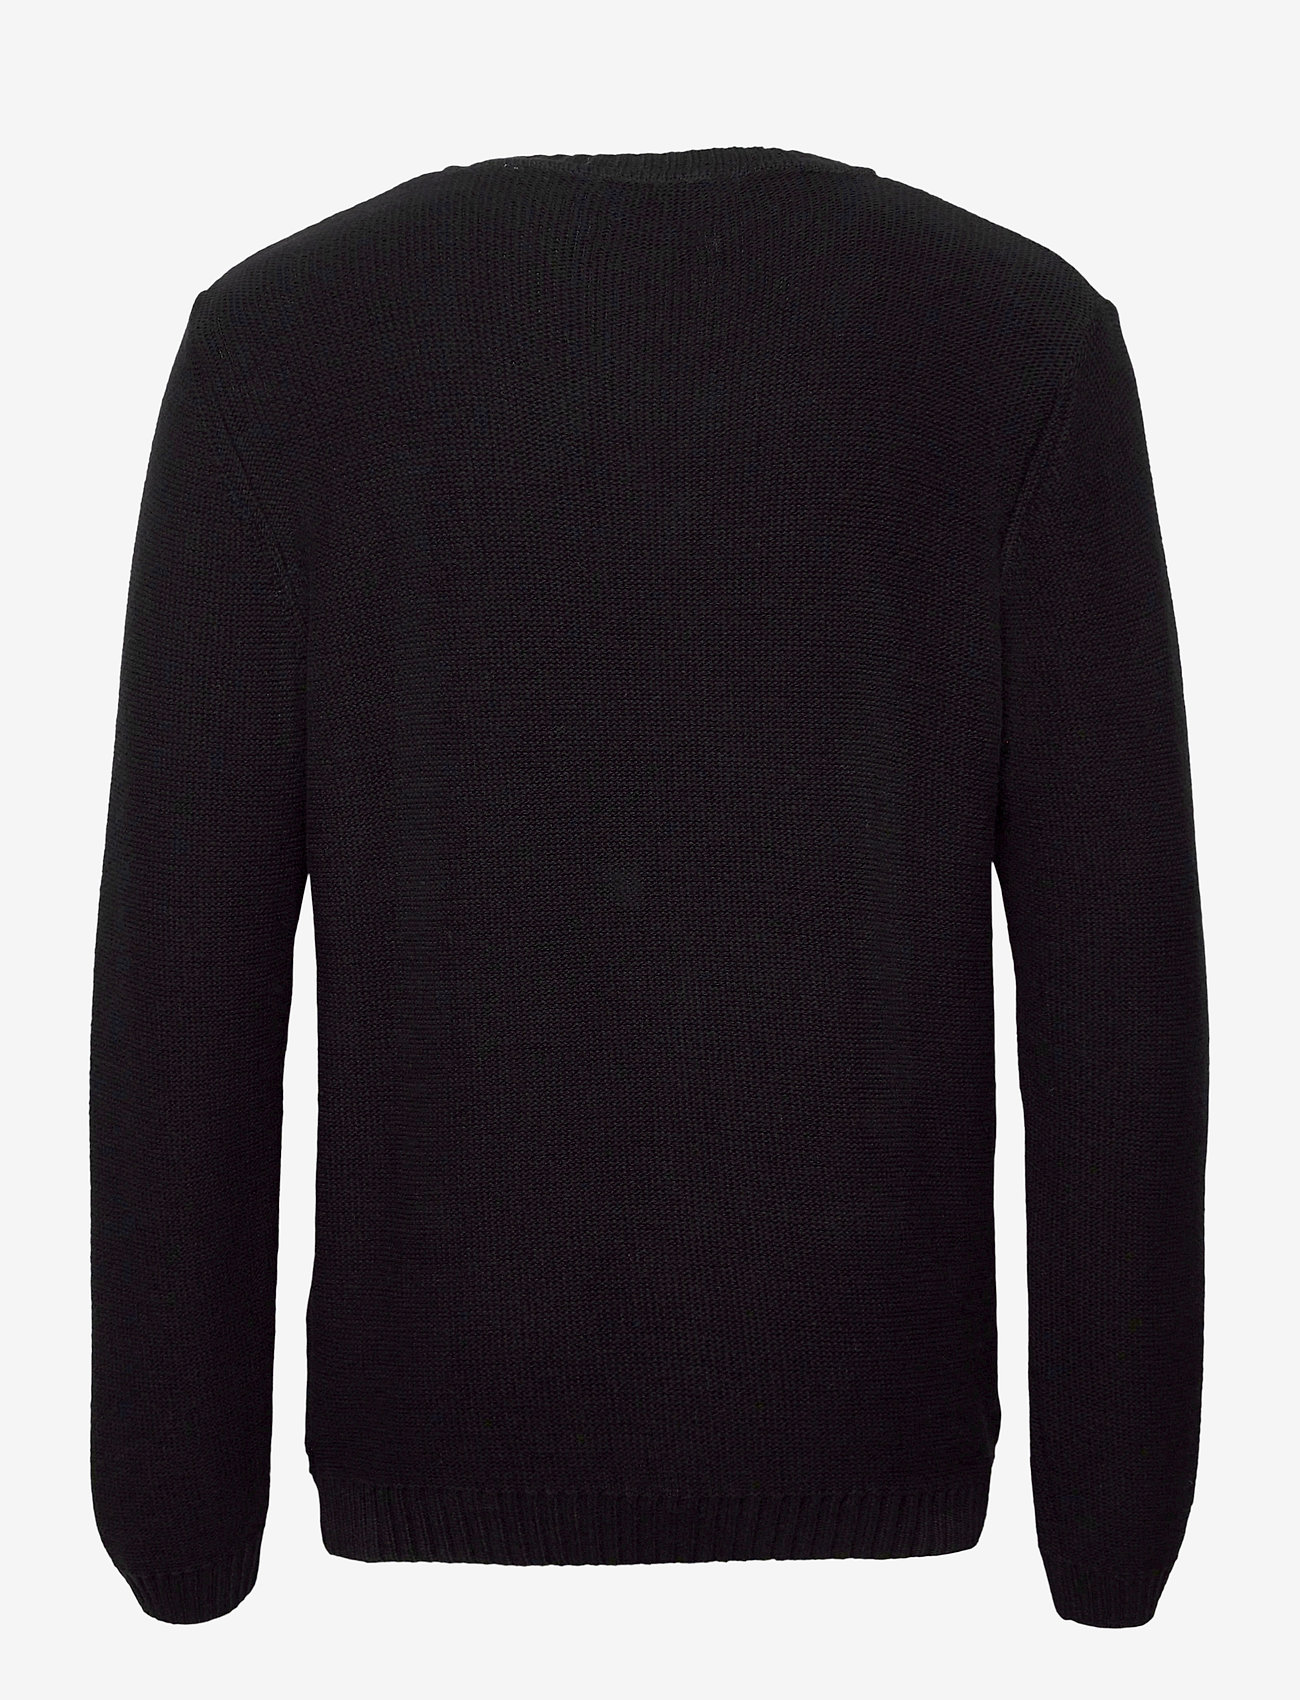 By Garment Makers Daniel - Strikkevarer JET BLACK - Menn Klær